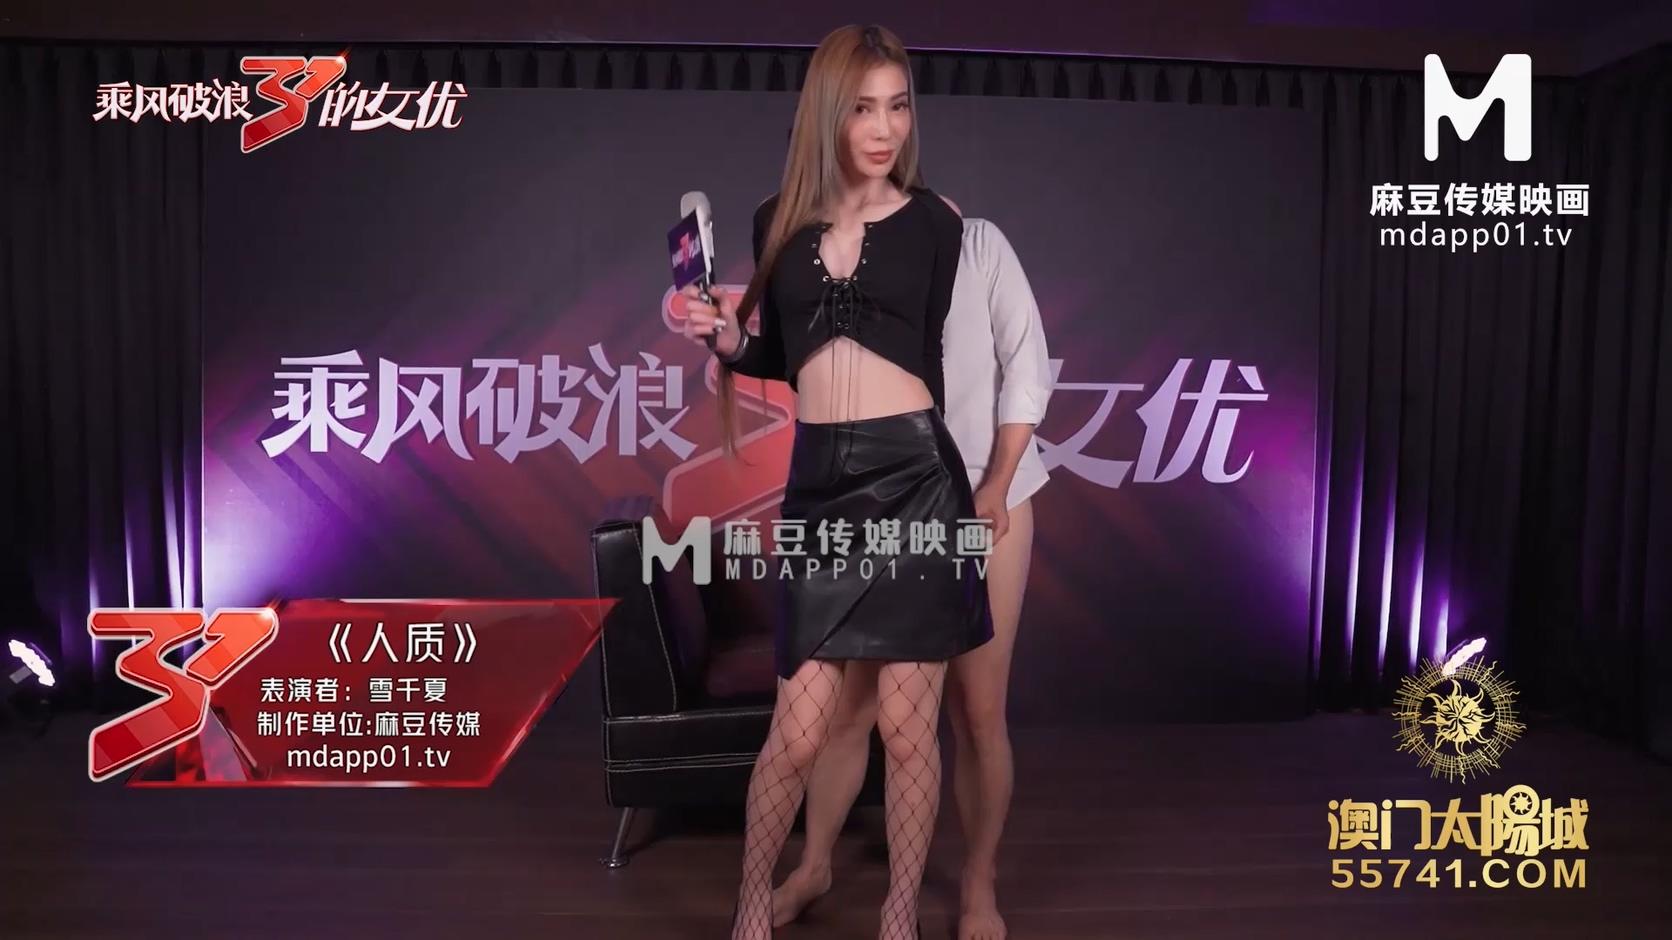 图片[2]-MD传媒映画MD0110-2原版 乘风破浪的女优 夏晴子[MP4/1.36G]-醉四季